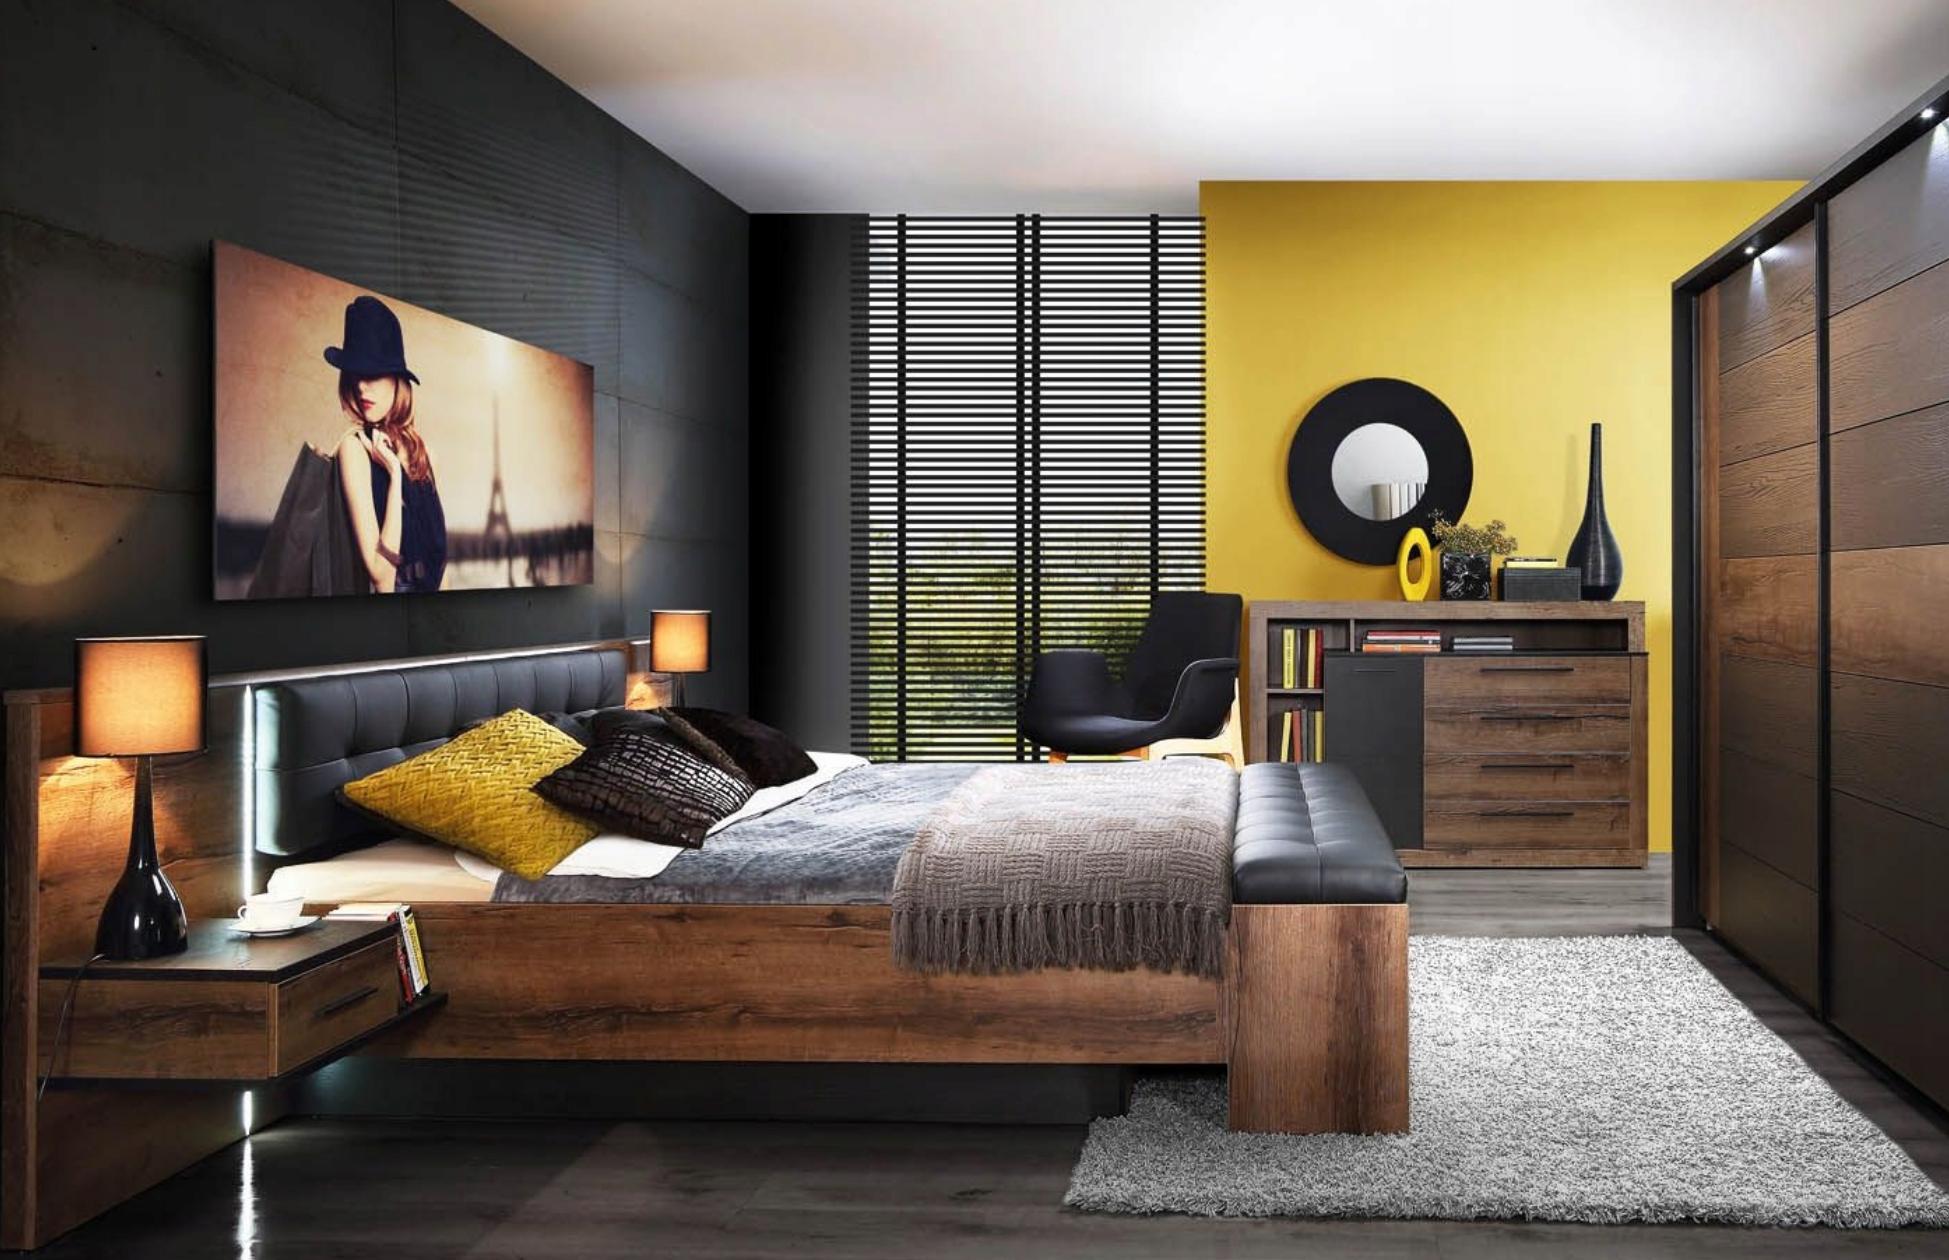 Full Size of Schlafzimmer Komplettangebote Ikea Poco Italienische Otto Landhausstil Weiß Massivholz Kronleuchter Deko Regal Wandleuchte Günstige Kommoden Komplett Schlafzimmer Schlafzimmer Komplettangebote